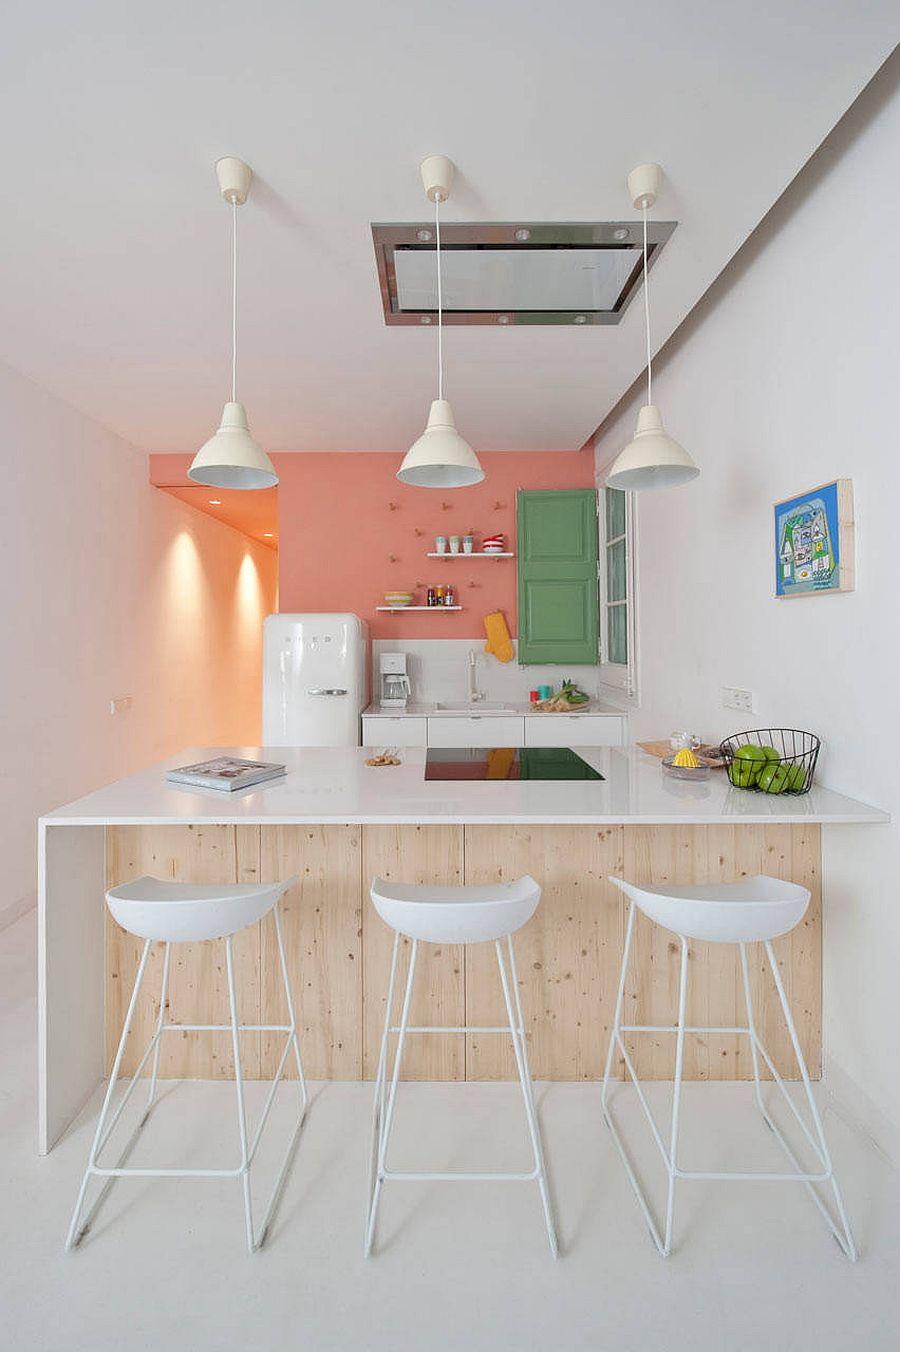 Ngắm những căn bếp nhỏ đầy màu sắc, đẹp đến mức làm xiêu lòng bất cứ ai - Ảnh 6.